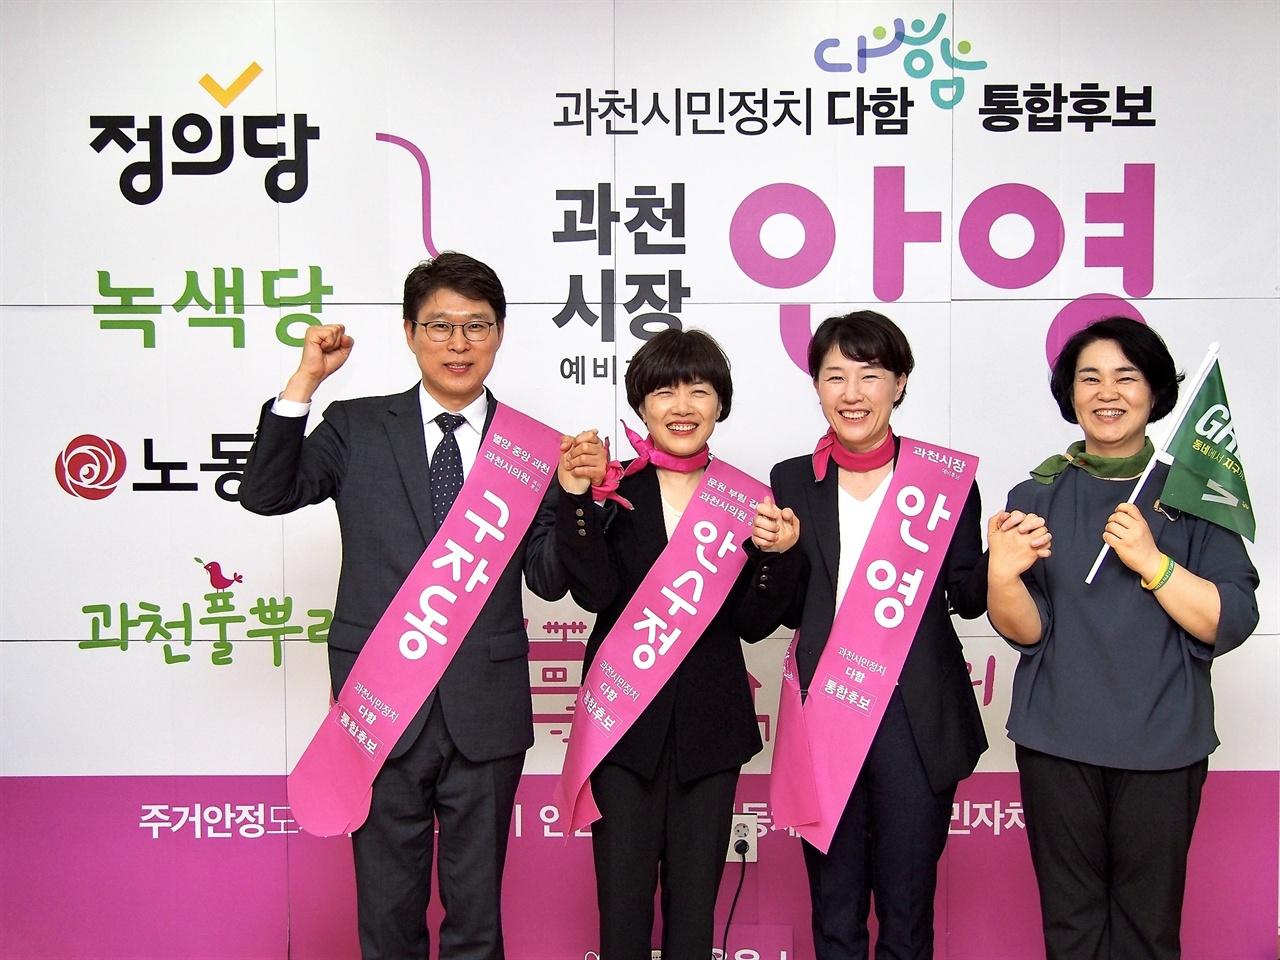 6.13 지방선거에 출마한 과천의 시민후보들